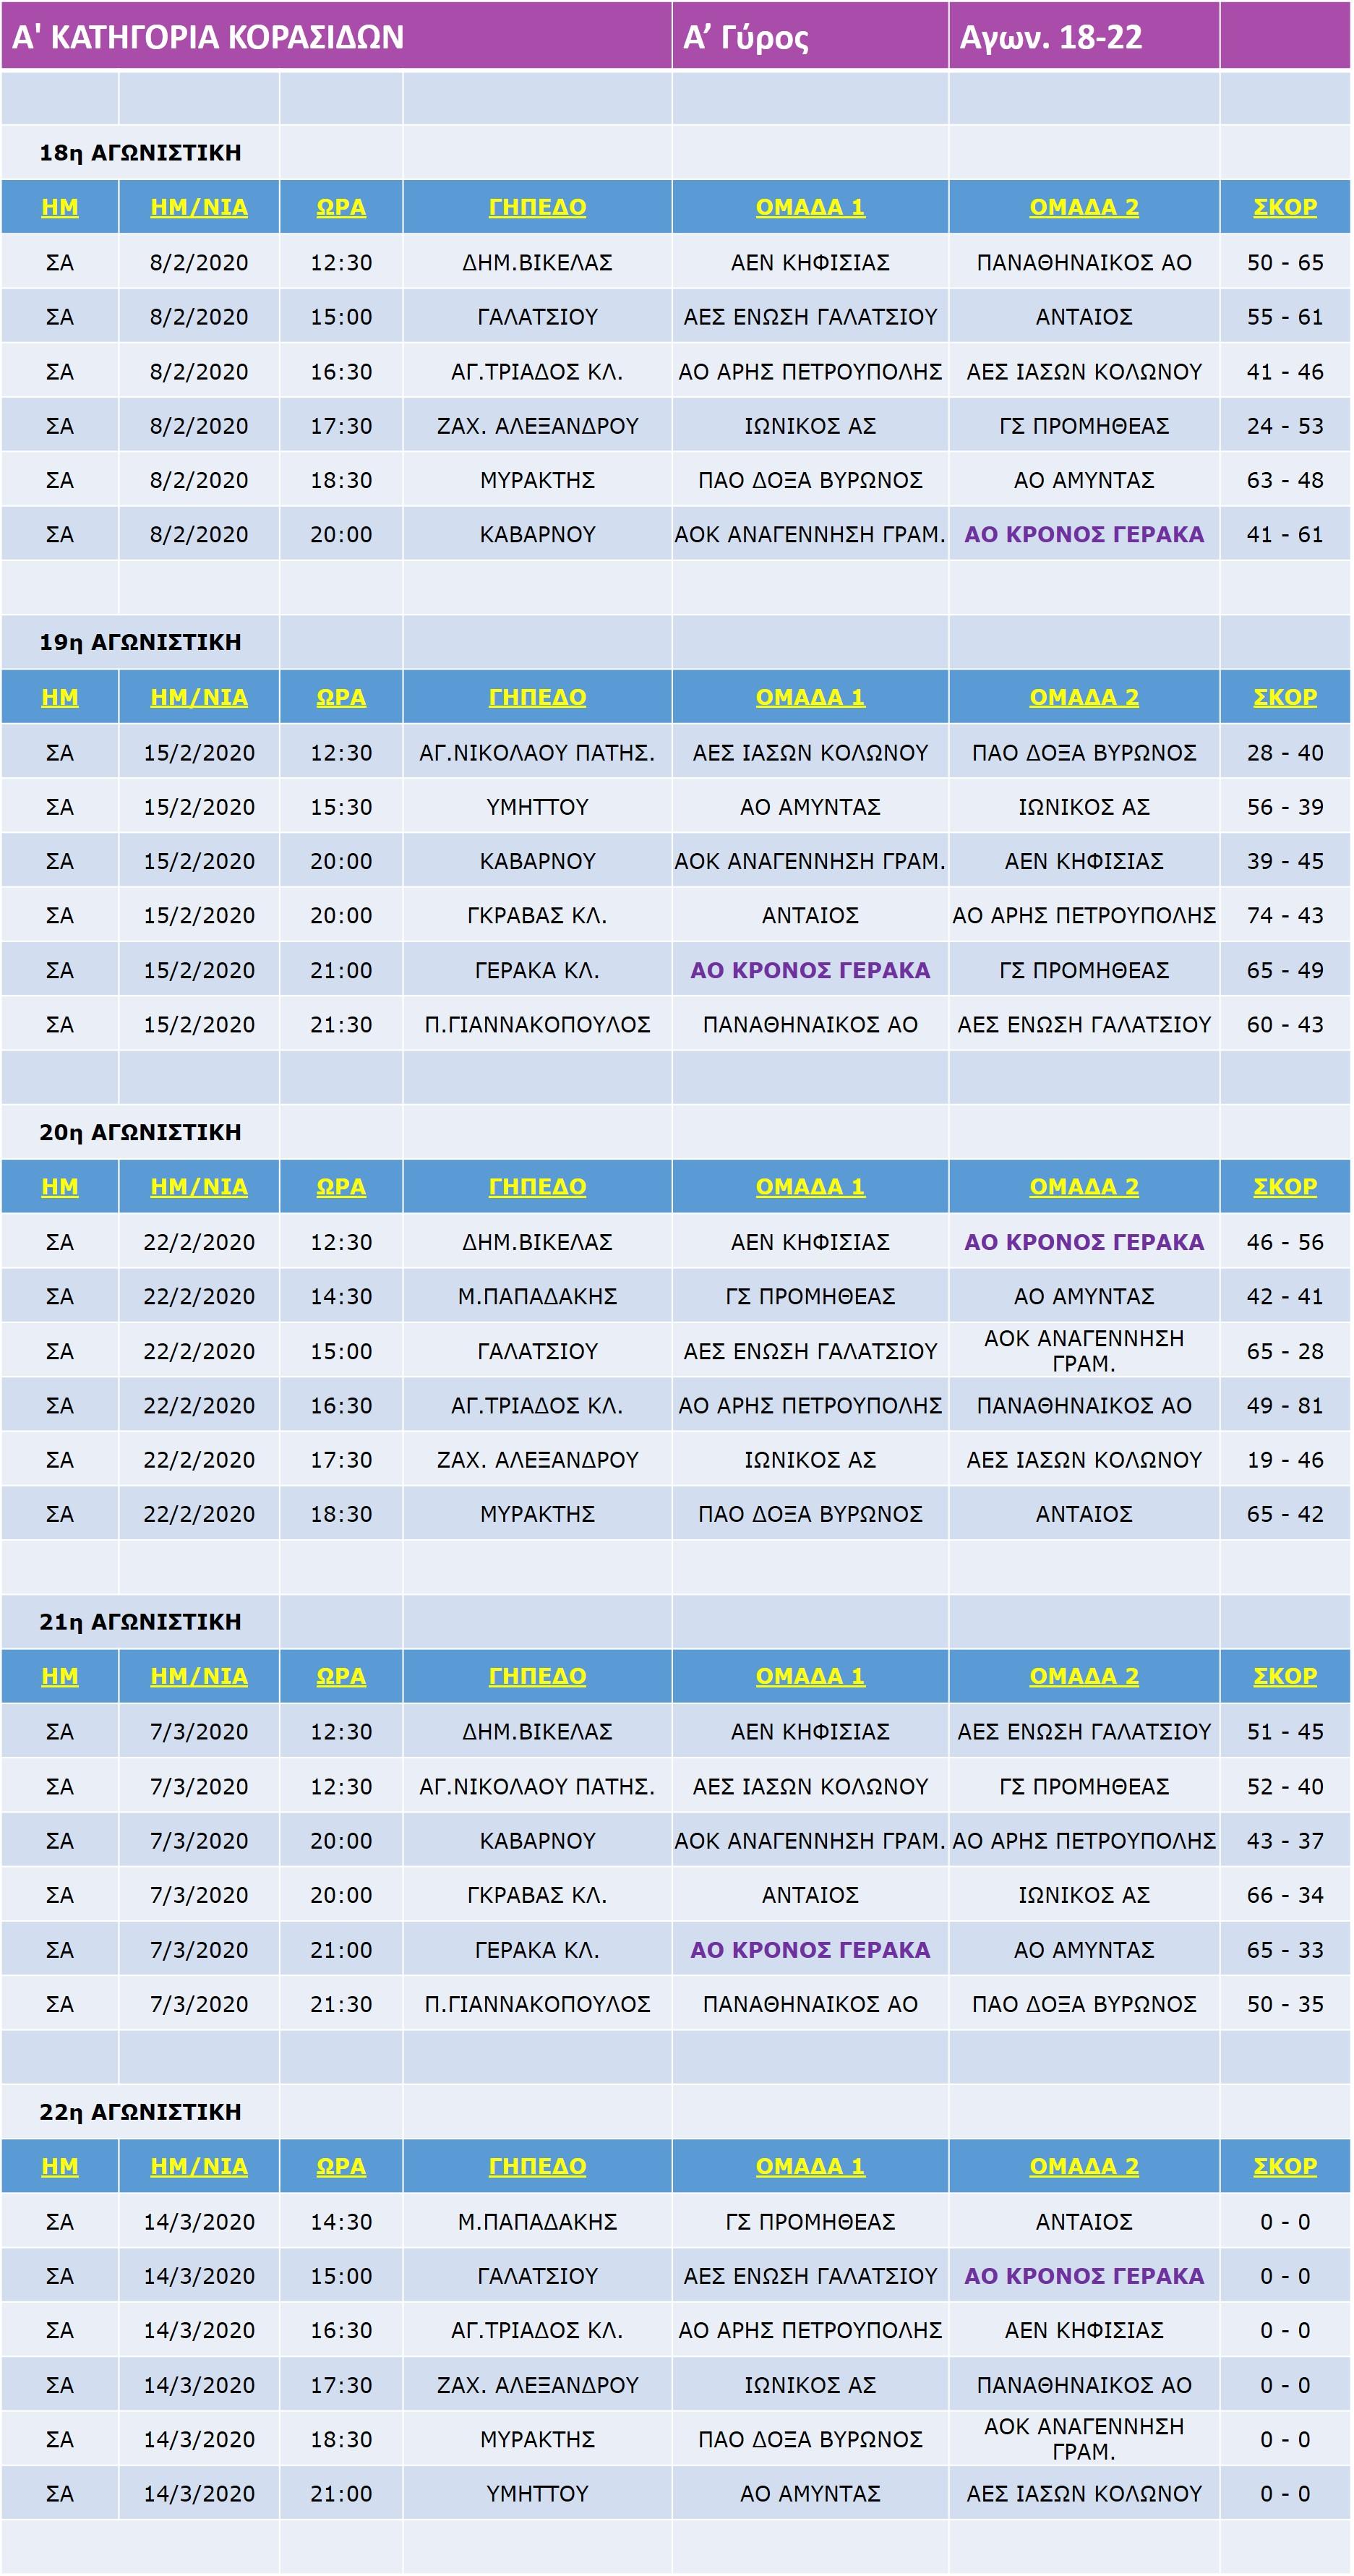 Korasides_A_Match_18-22-21